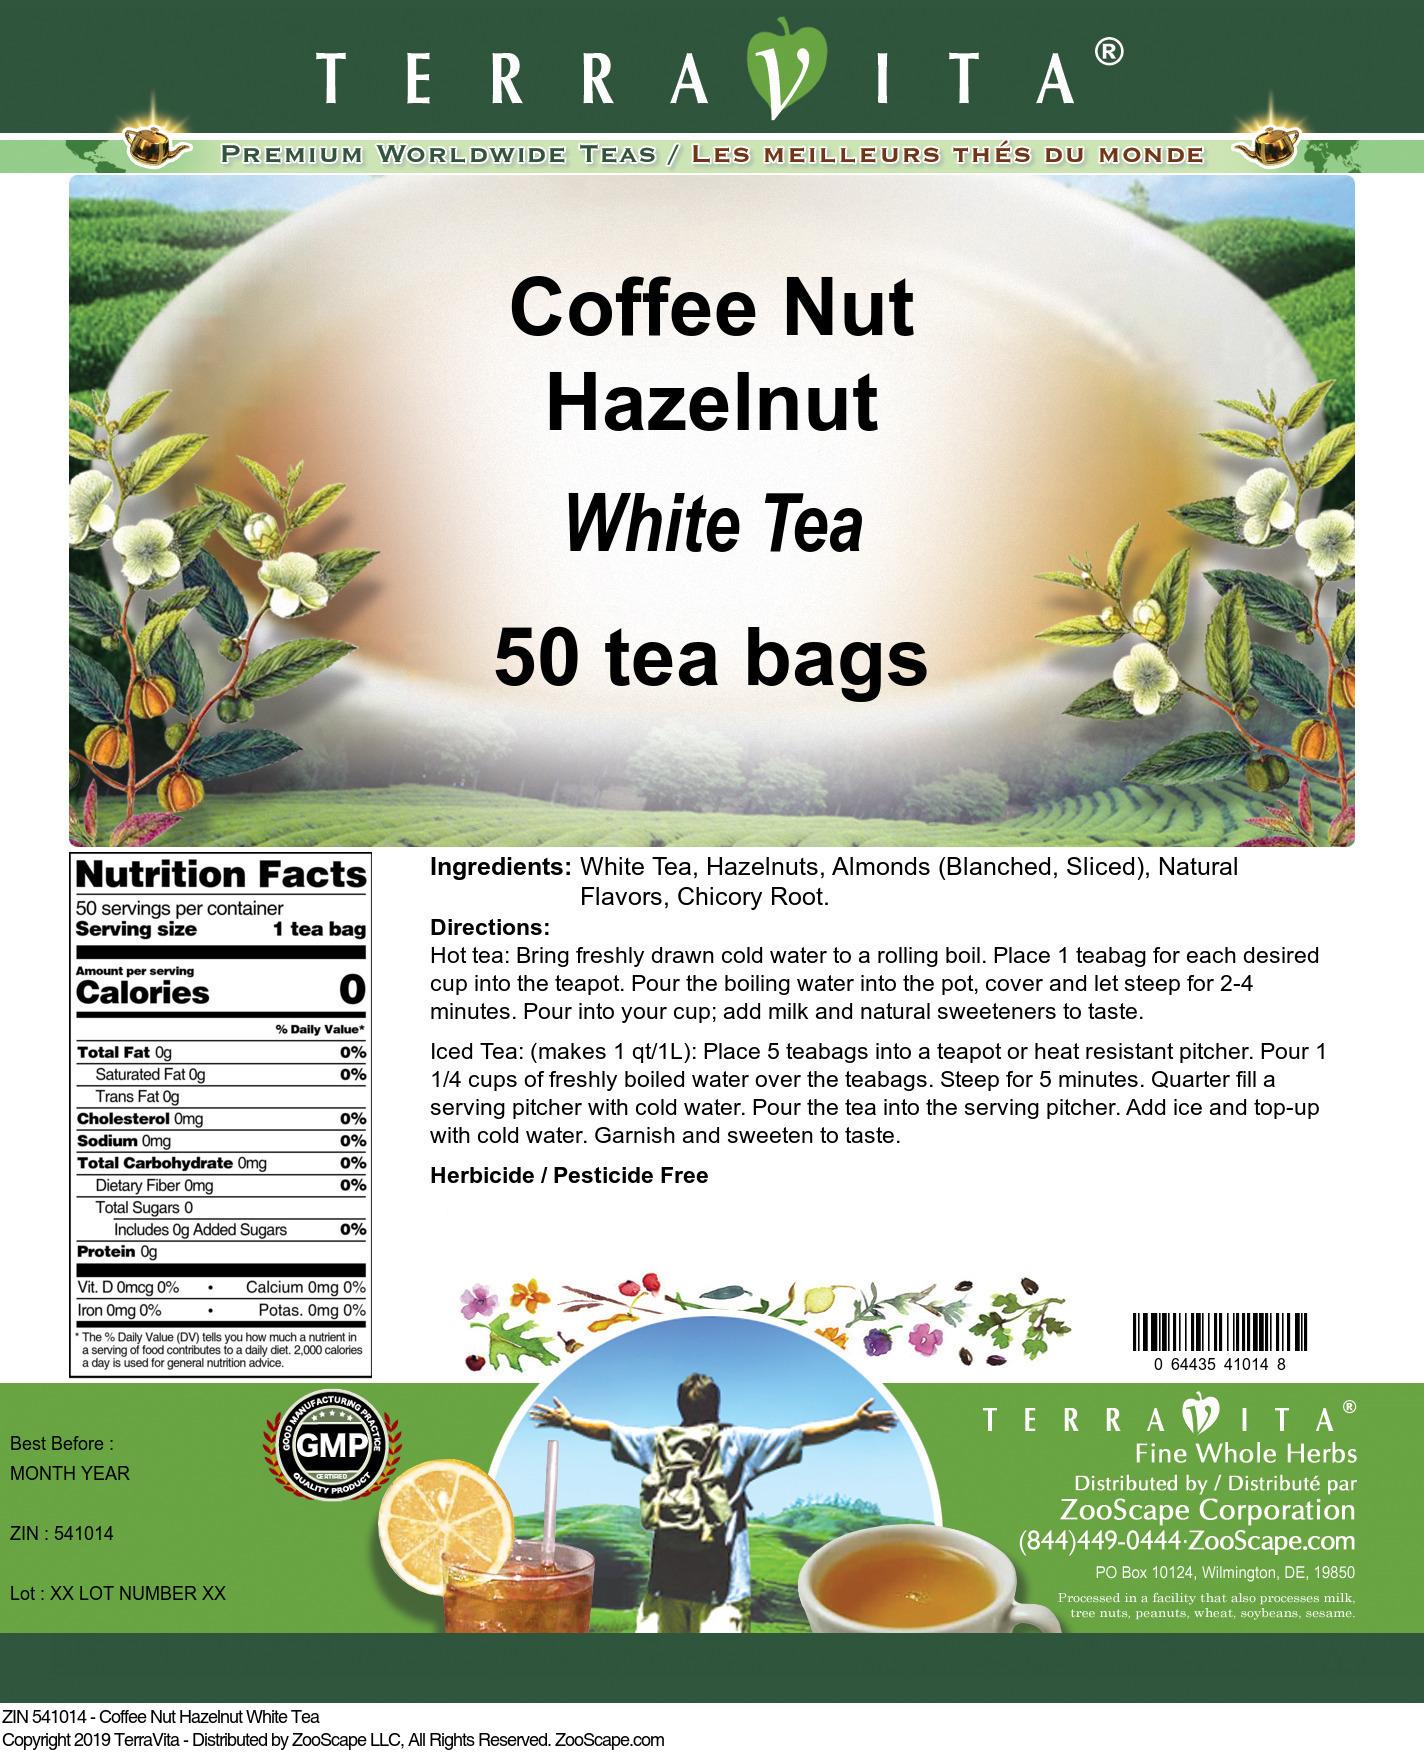 Coffee Nut Hazelnut White Tea